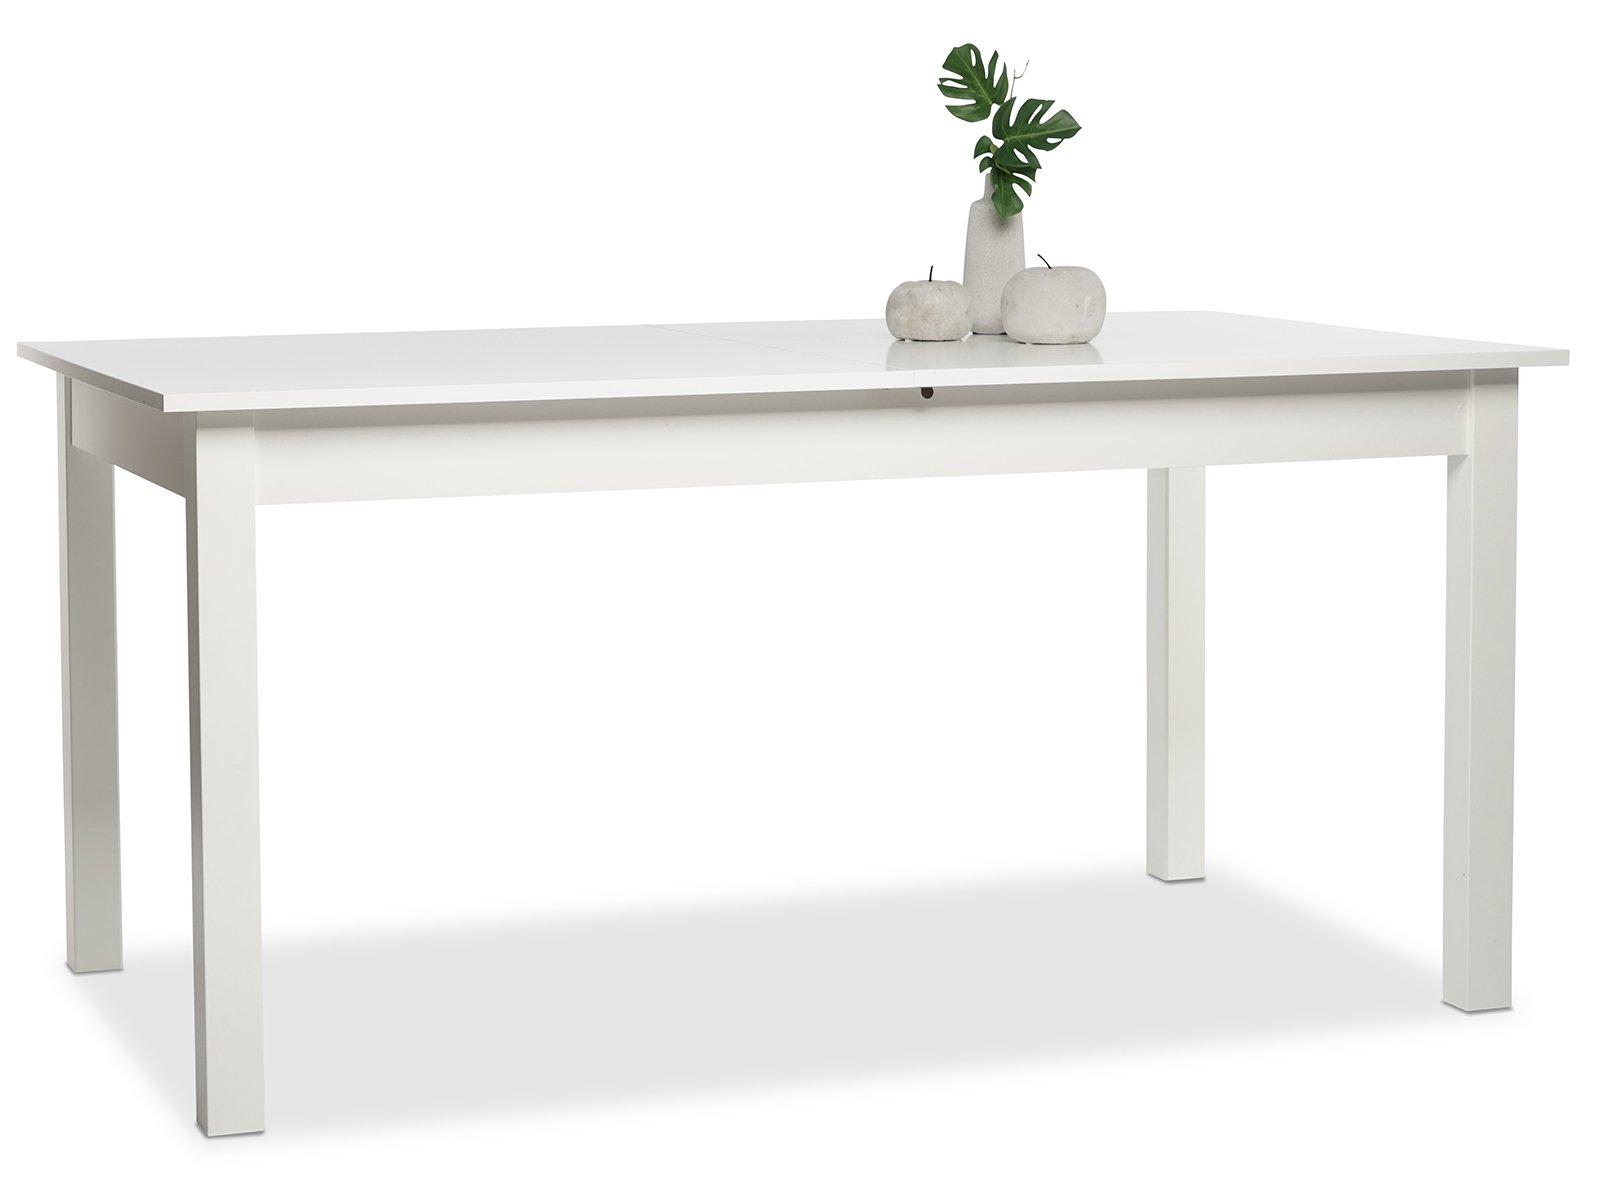 möbelando Esszimmertisch Küchentisch Auszugtisch Holztisch Esstisch Tisch Crawley IV Weiß